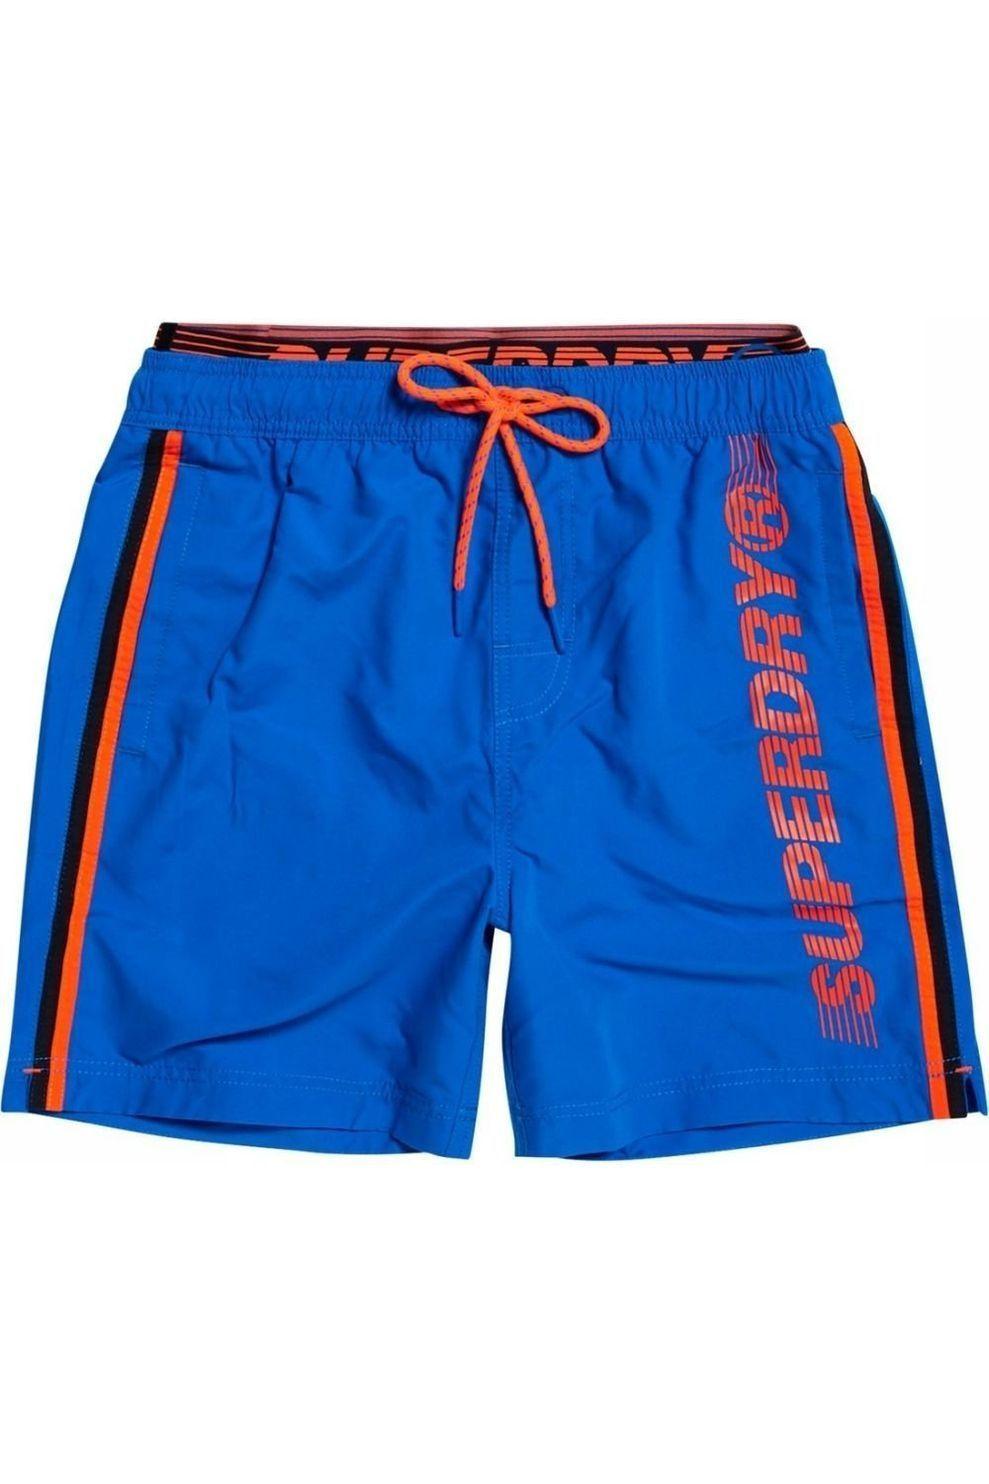 Superdry Zwemshort State Volley voor heren - Blauw - Maten: S, M, L, XL